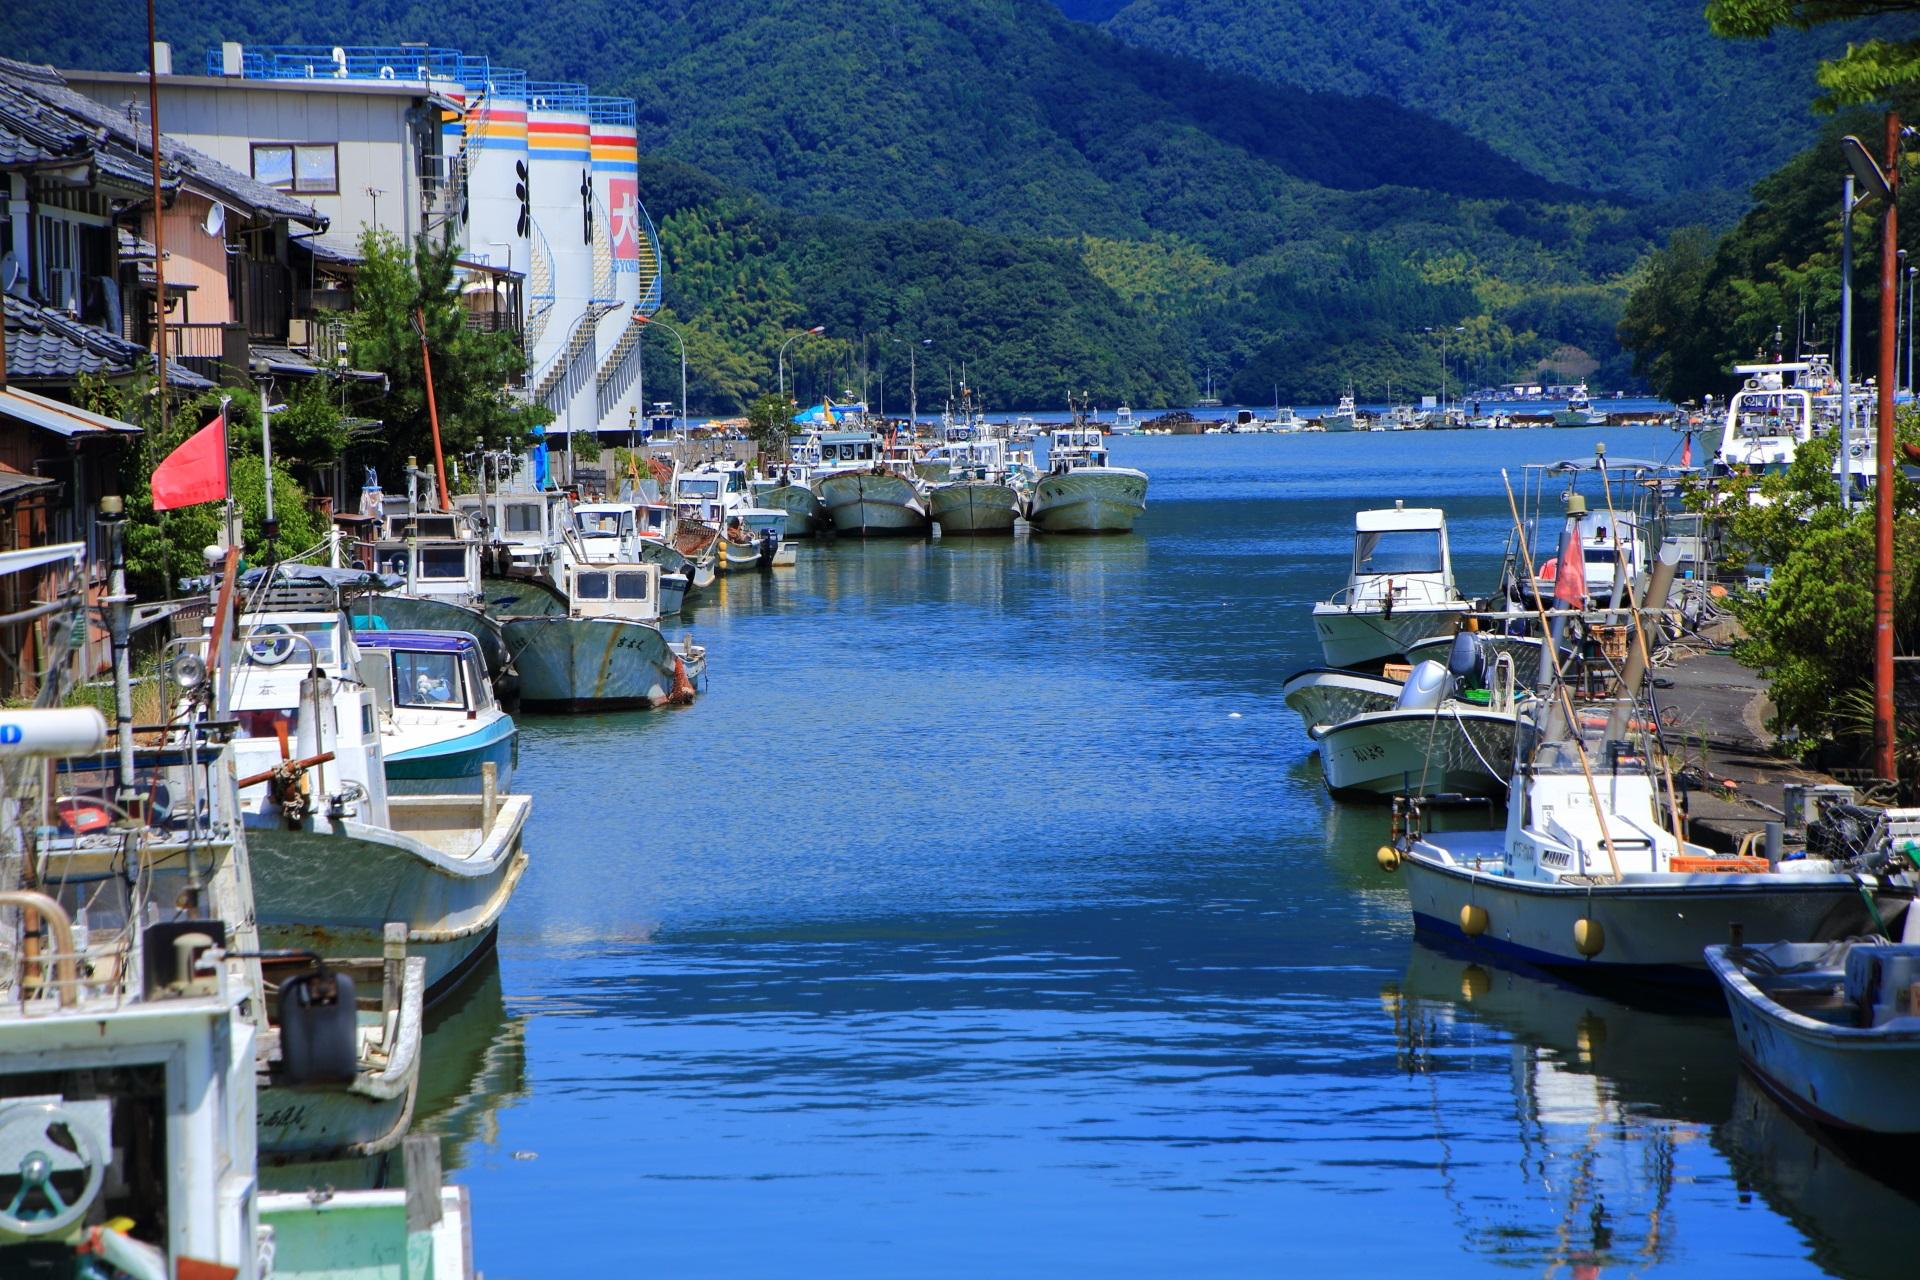 伊佐津川と同じように穏やかな西舞鶴港へと流れる吉原入江